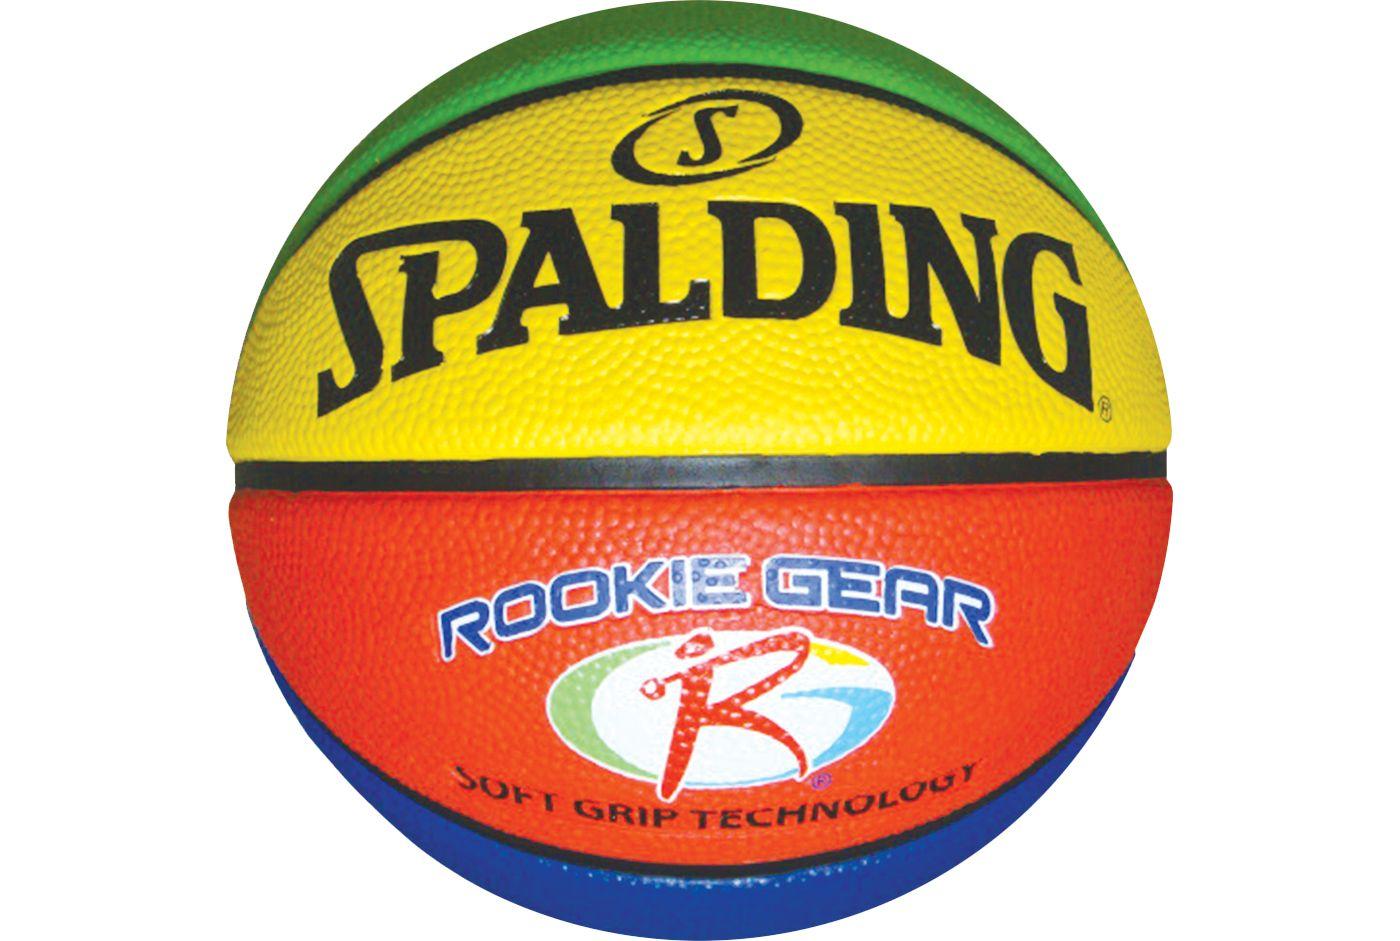 Spalding Rookie Gear Sponge Rubber Youth Basketball (27.5'')